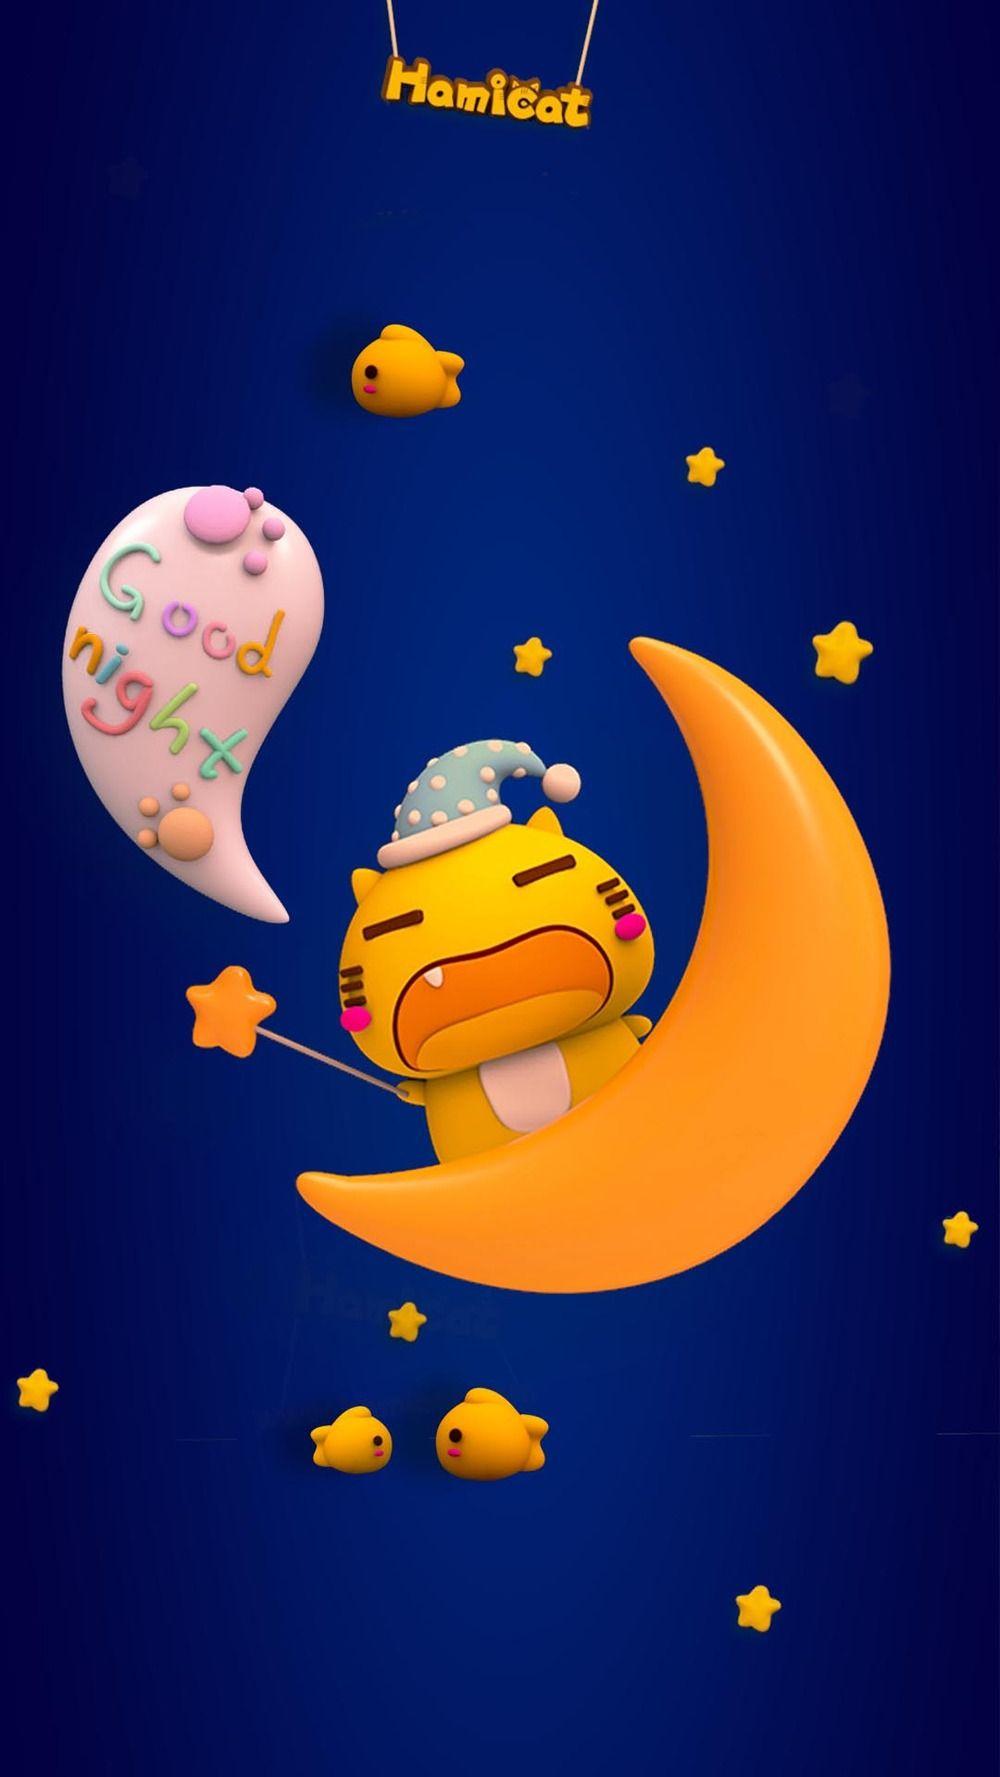 哈咪猫晚安.jpg